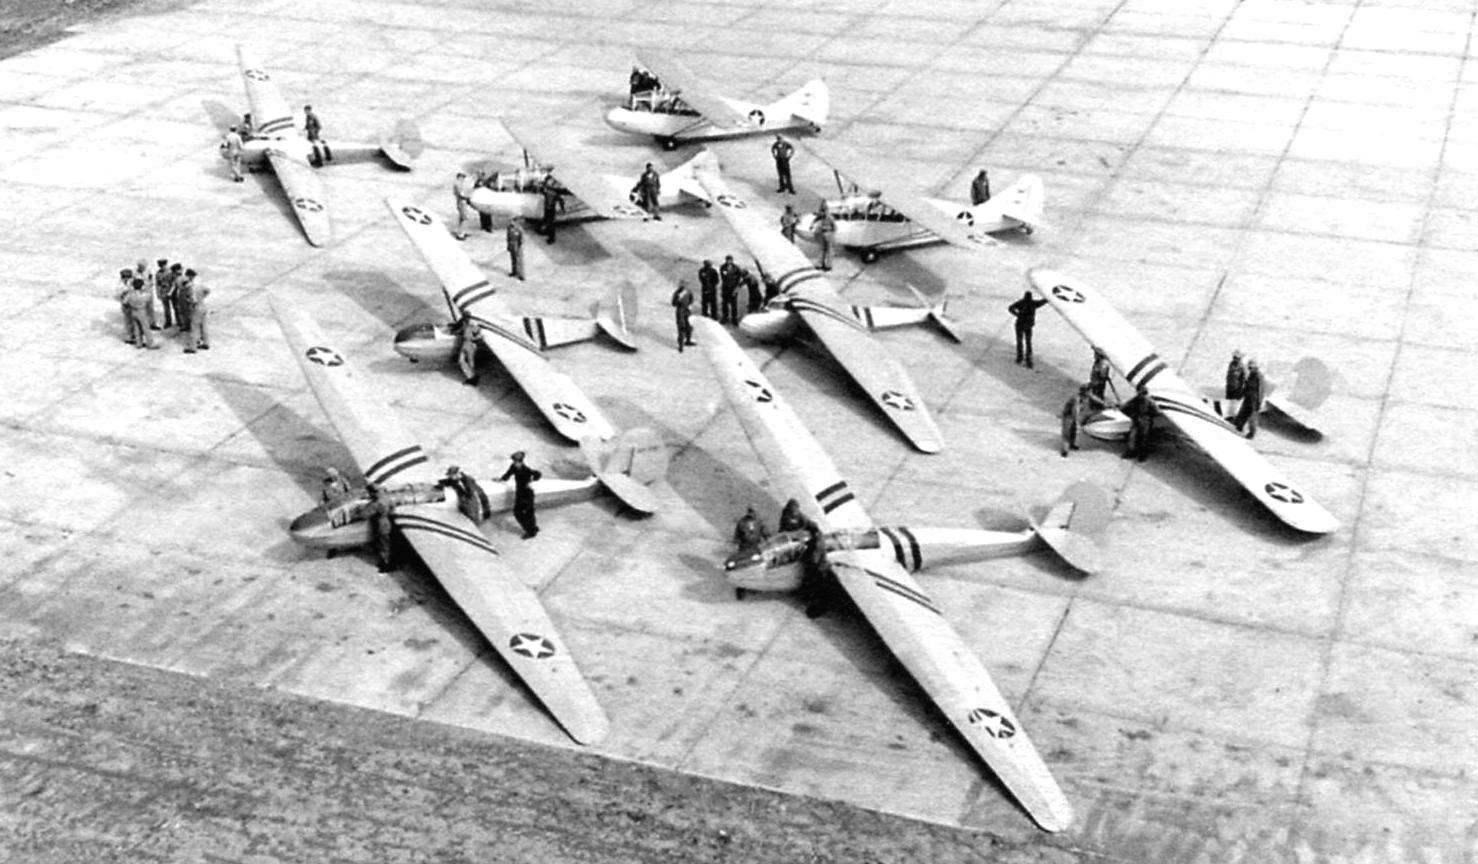 Для подготовки пилотов-планеристов Авиационный корпус армии США использовал несколько типов двух - и многоместных планёров